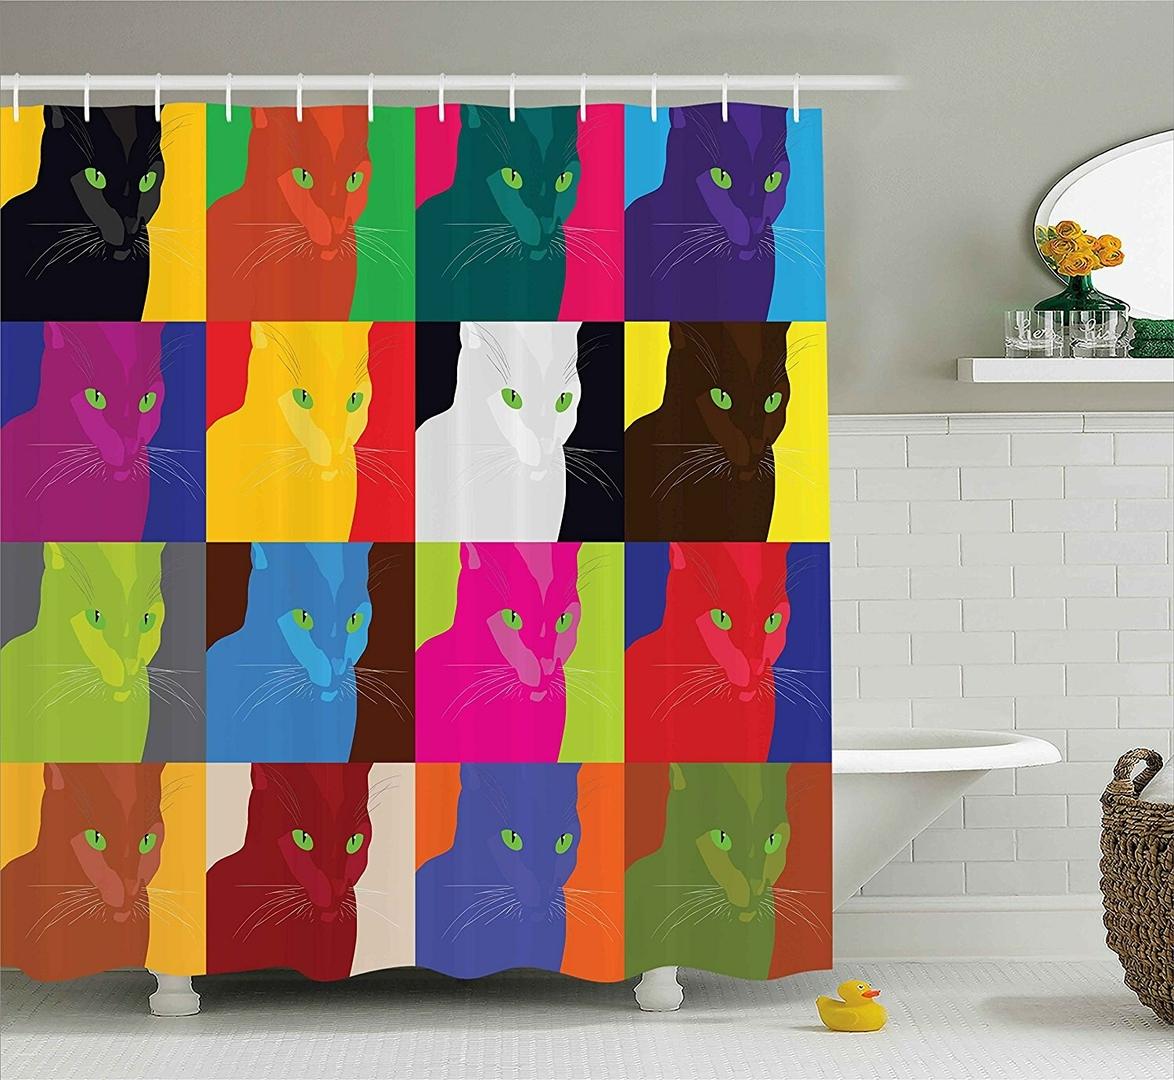 D-cor-de-chat-rideau-de-douche-Style-Pop-Art-vedette-Fractal-Kitty-Portraits-cadre-avec